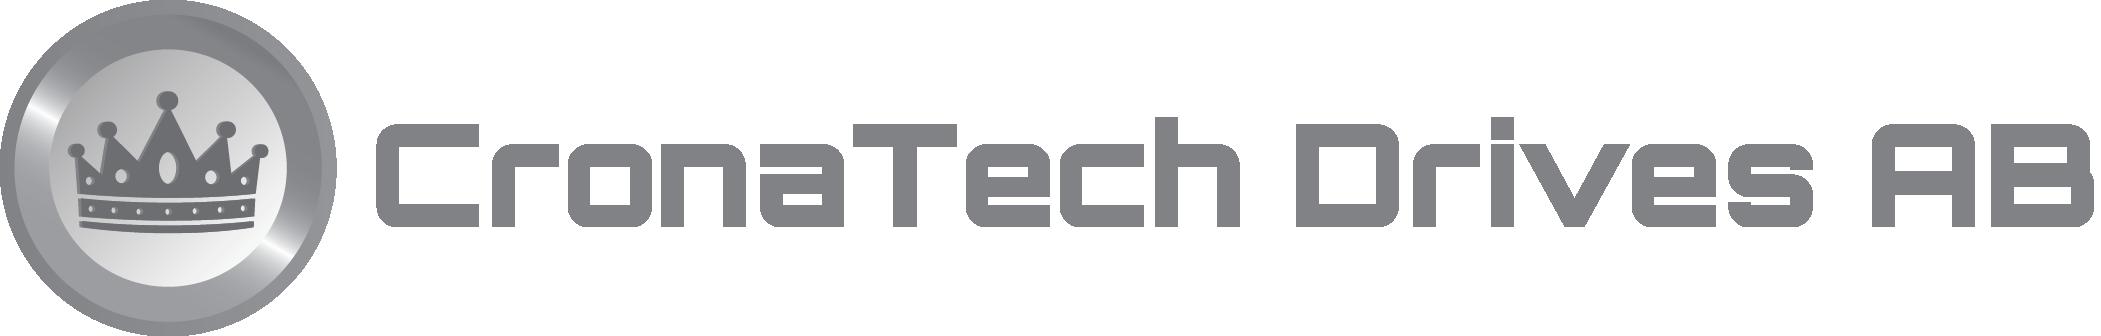 logo_firmanamnet_grey_150